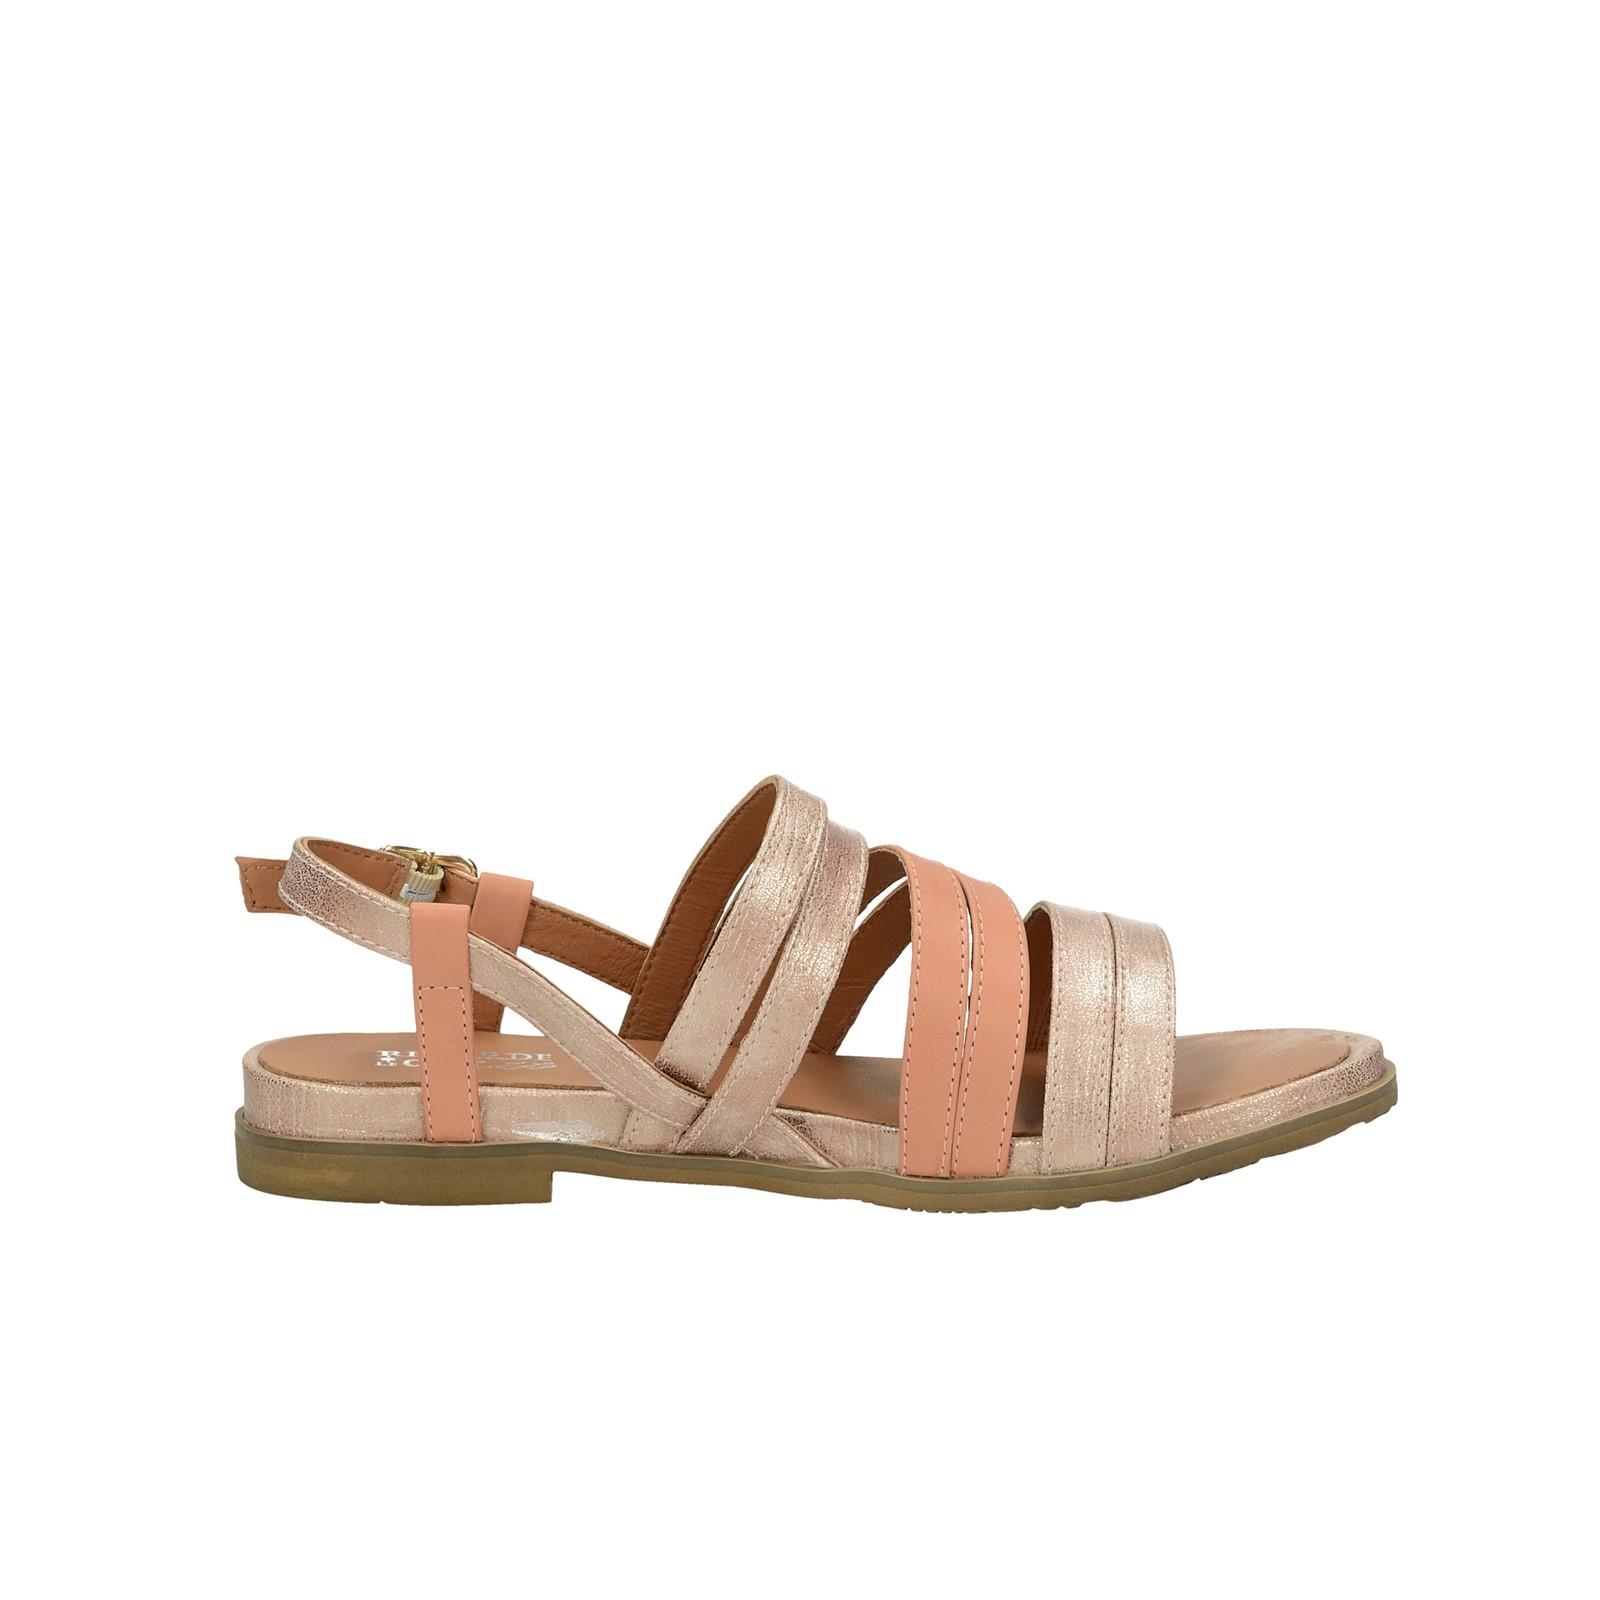 6e817b0c90 ... Regarde le ciel dámske kožené sandále - ružové ...